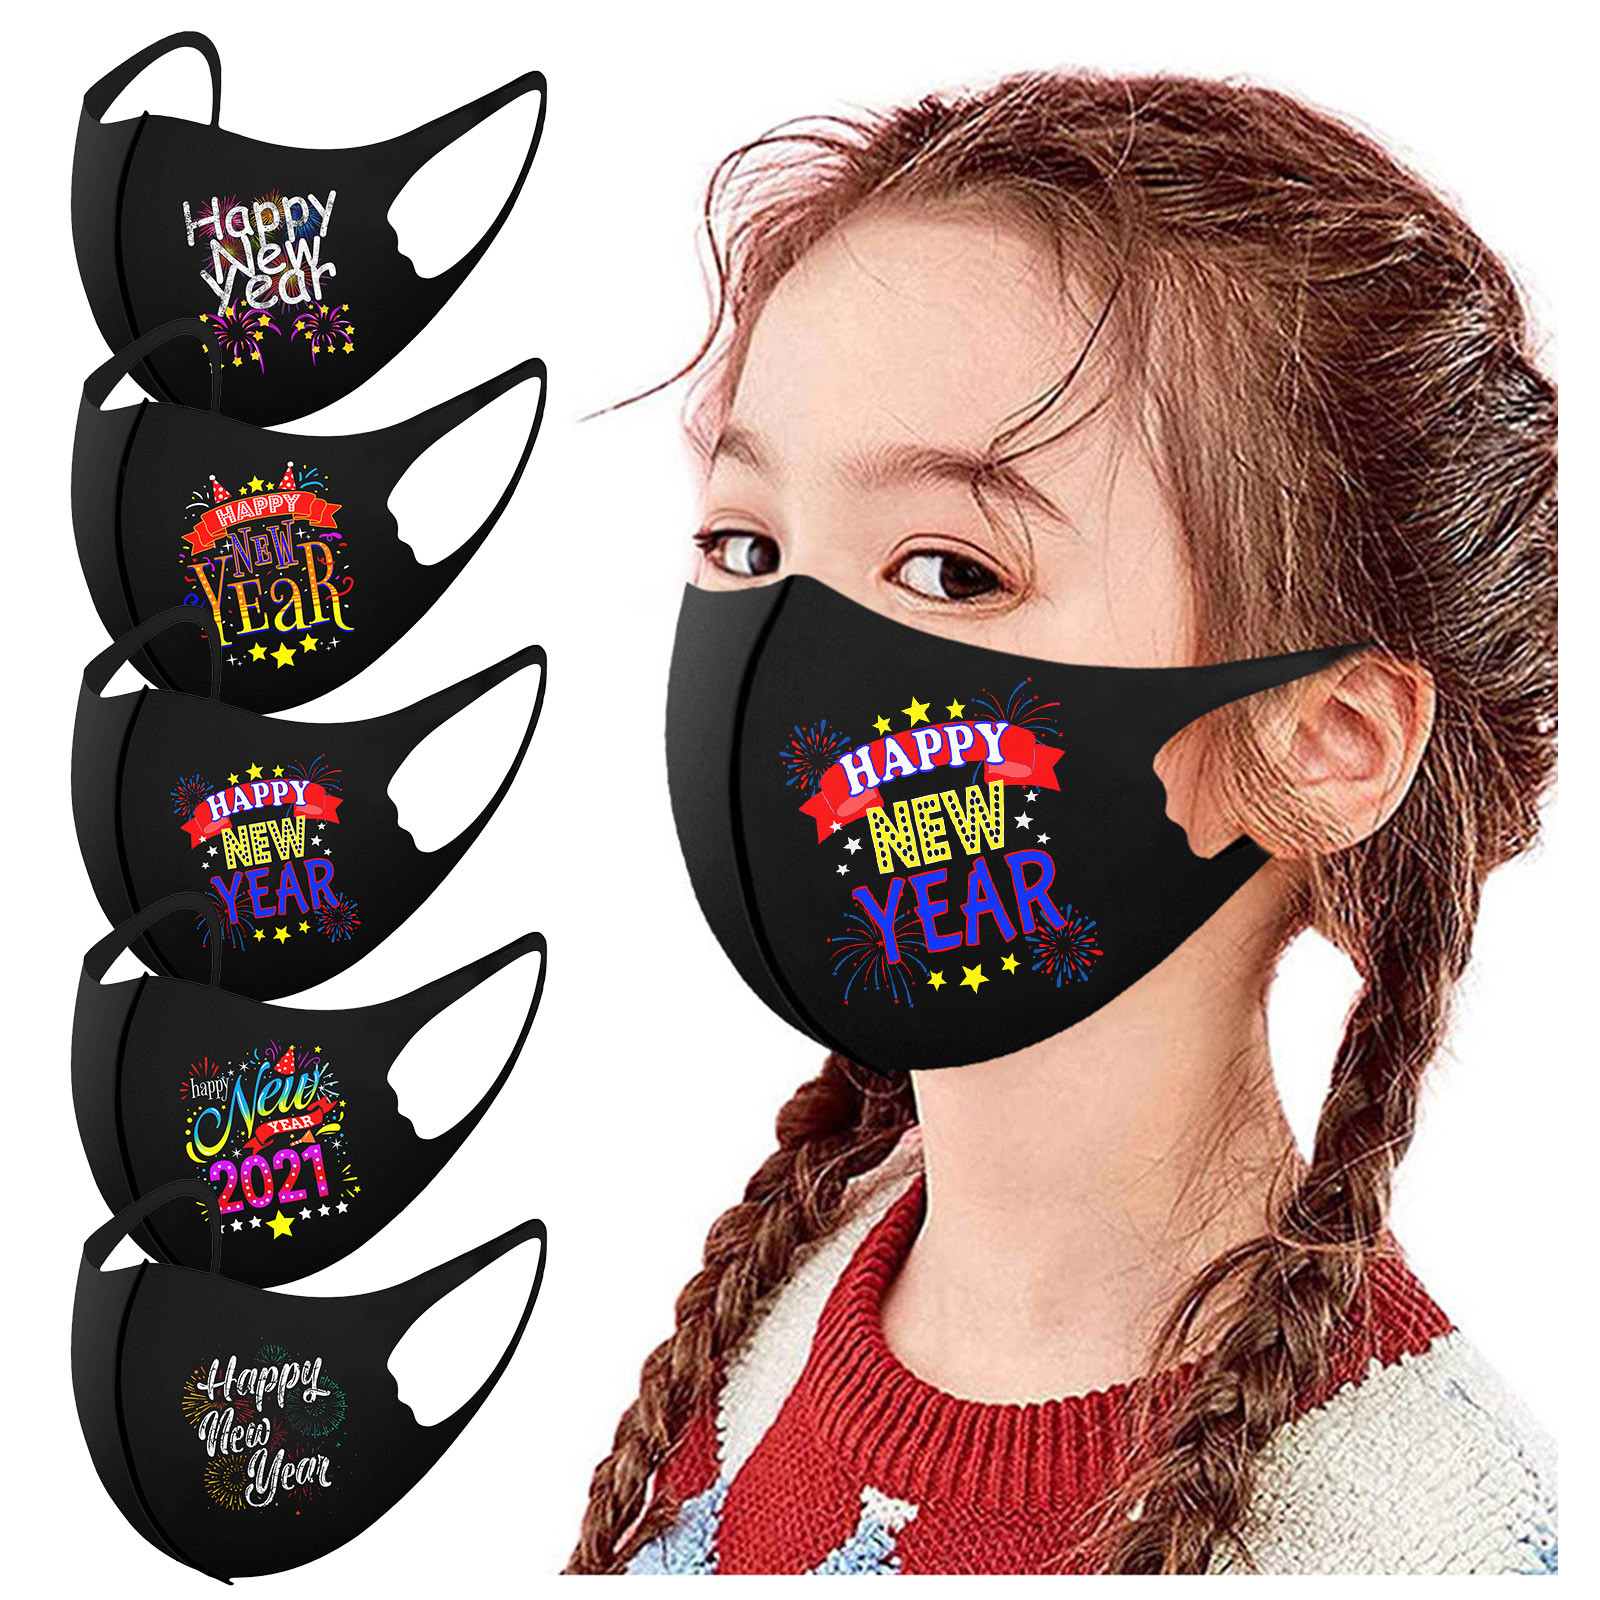 Inverno quente chilren máscara gelo slik algodão máscaras de boca para crianças 2021 feliz ano novo moda boca tampas lavável reutilizável